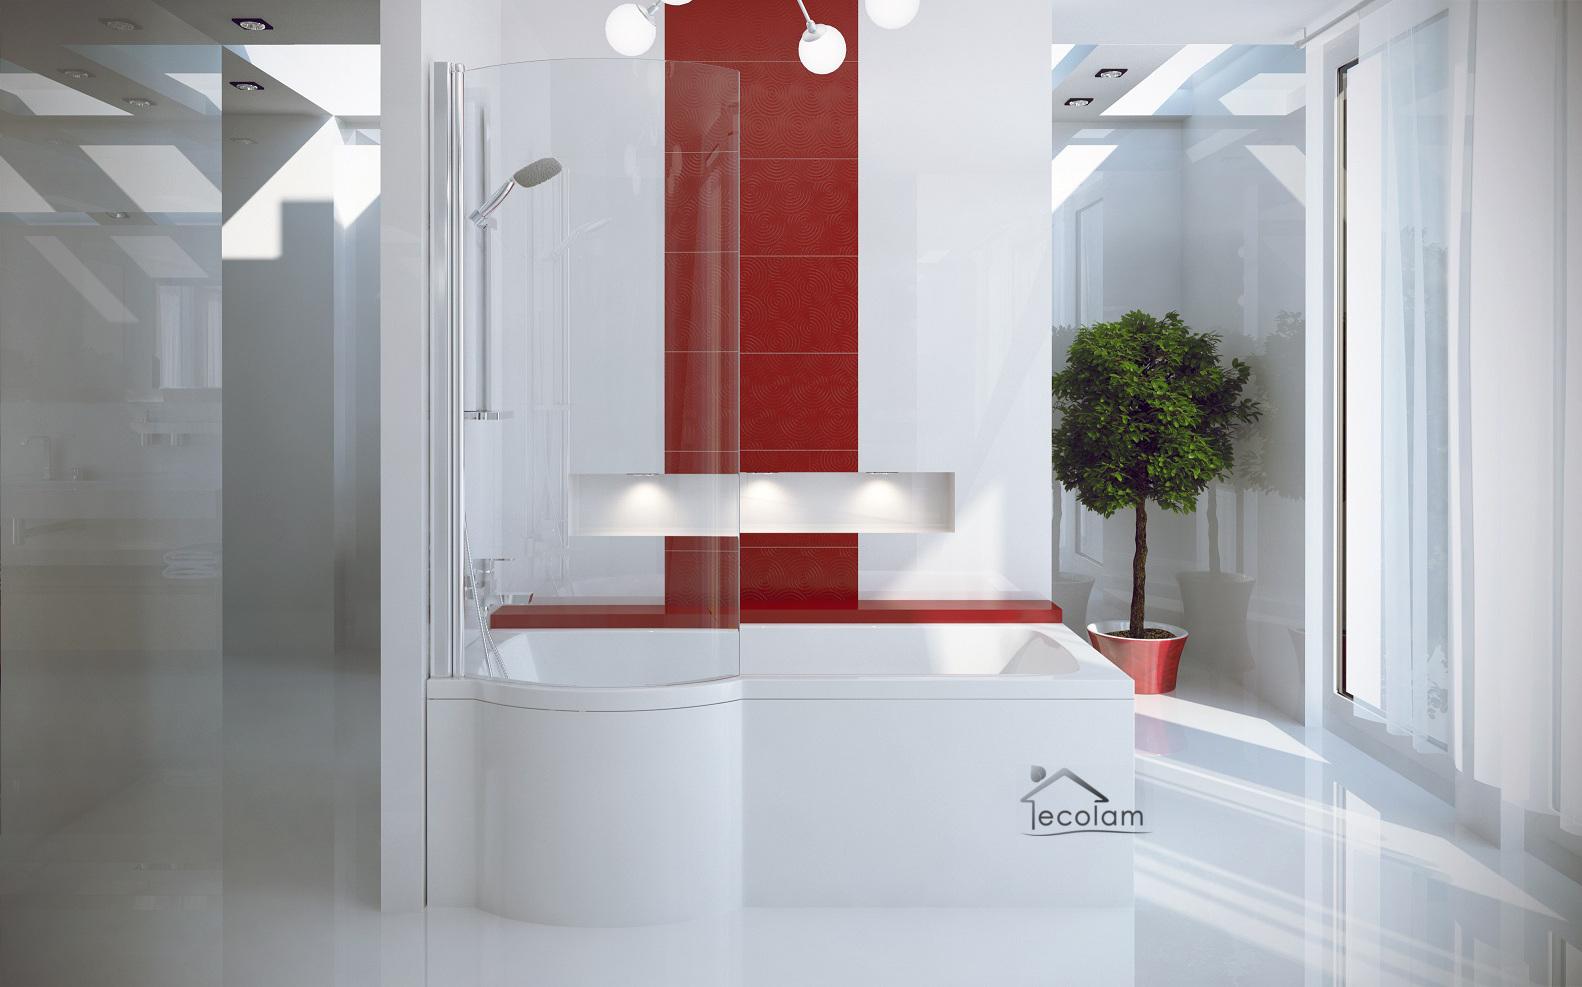 badewanne badewannenabtrennung duschwand eckwanne rechteck 150 x 70 cm links 5902574429940 ebay. Black Bedroom Furniture Sets. Home Design Ideas